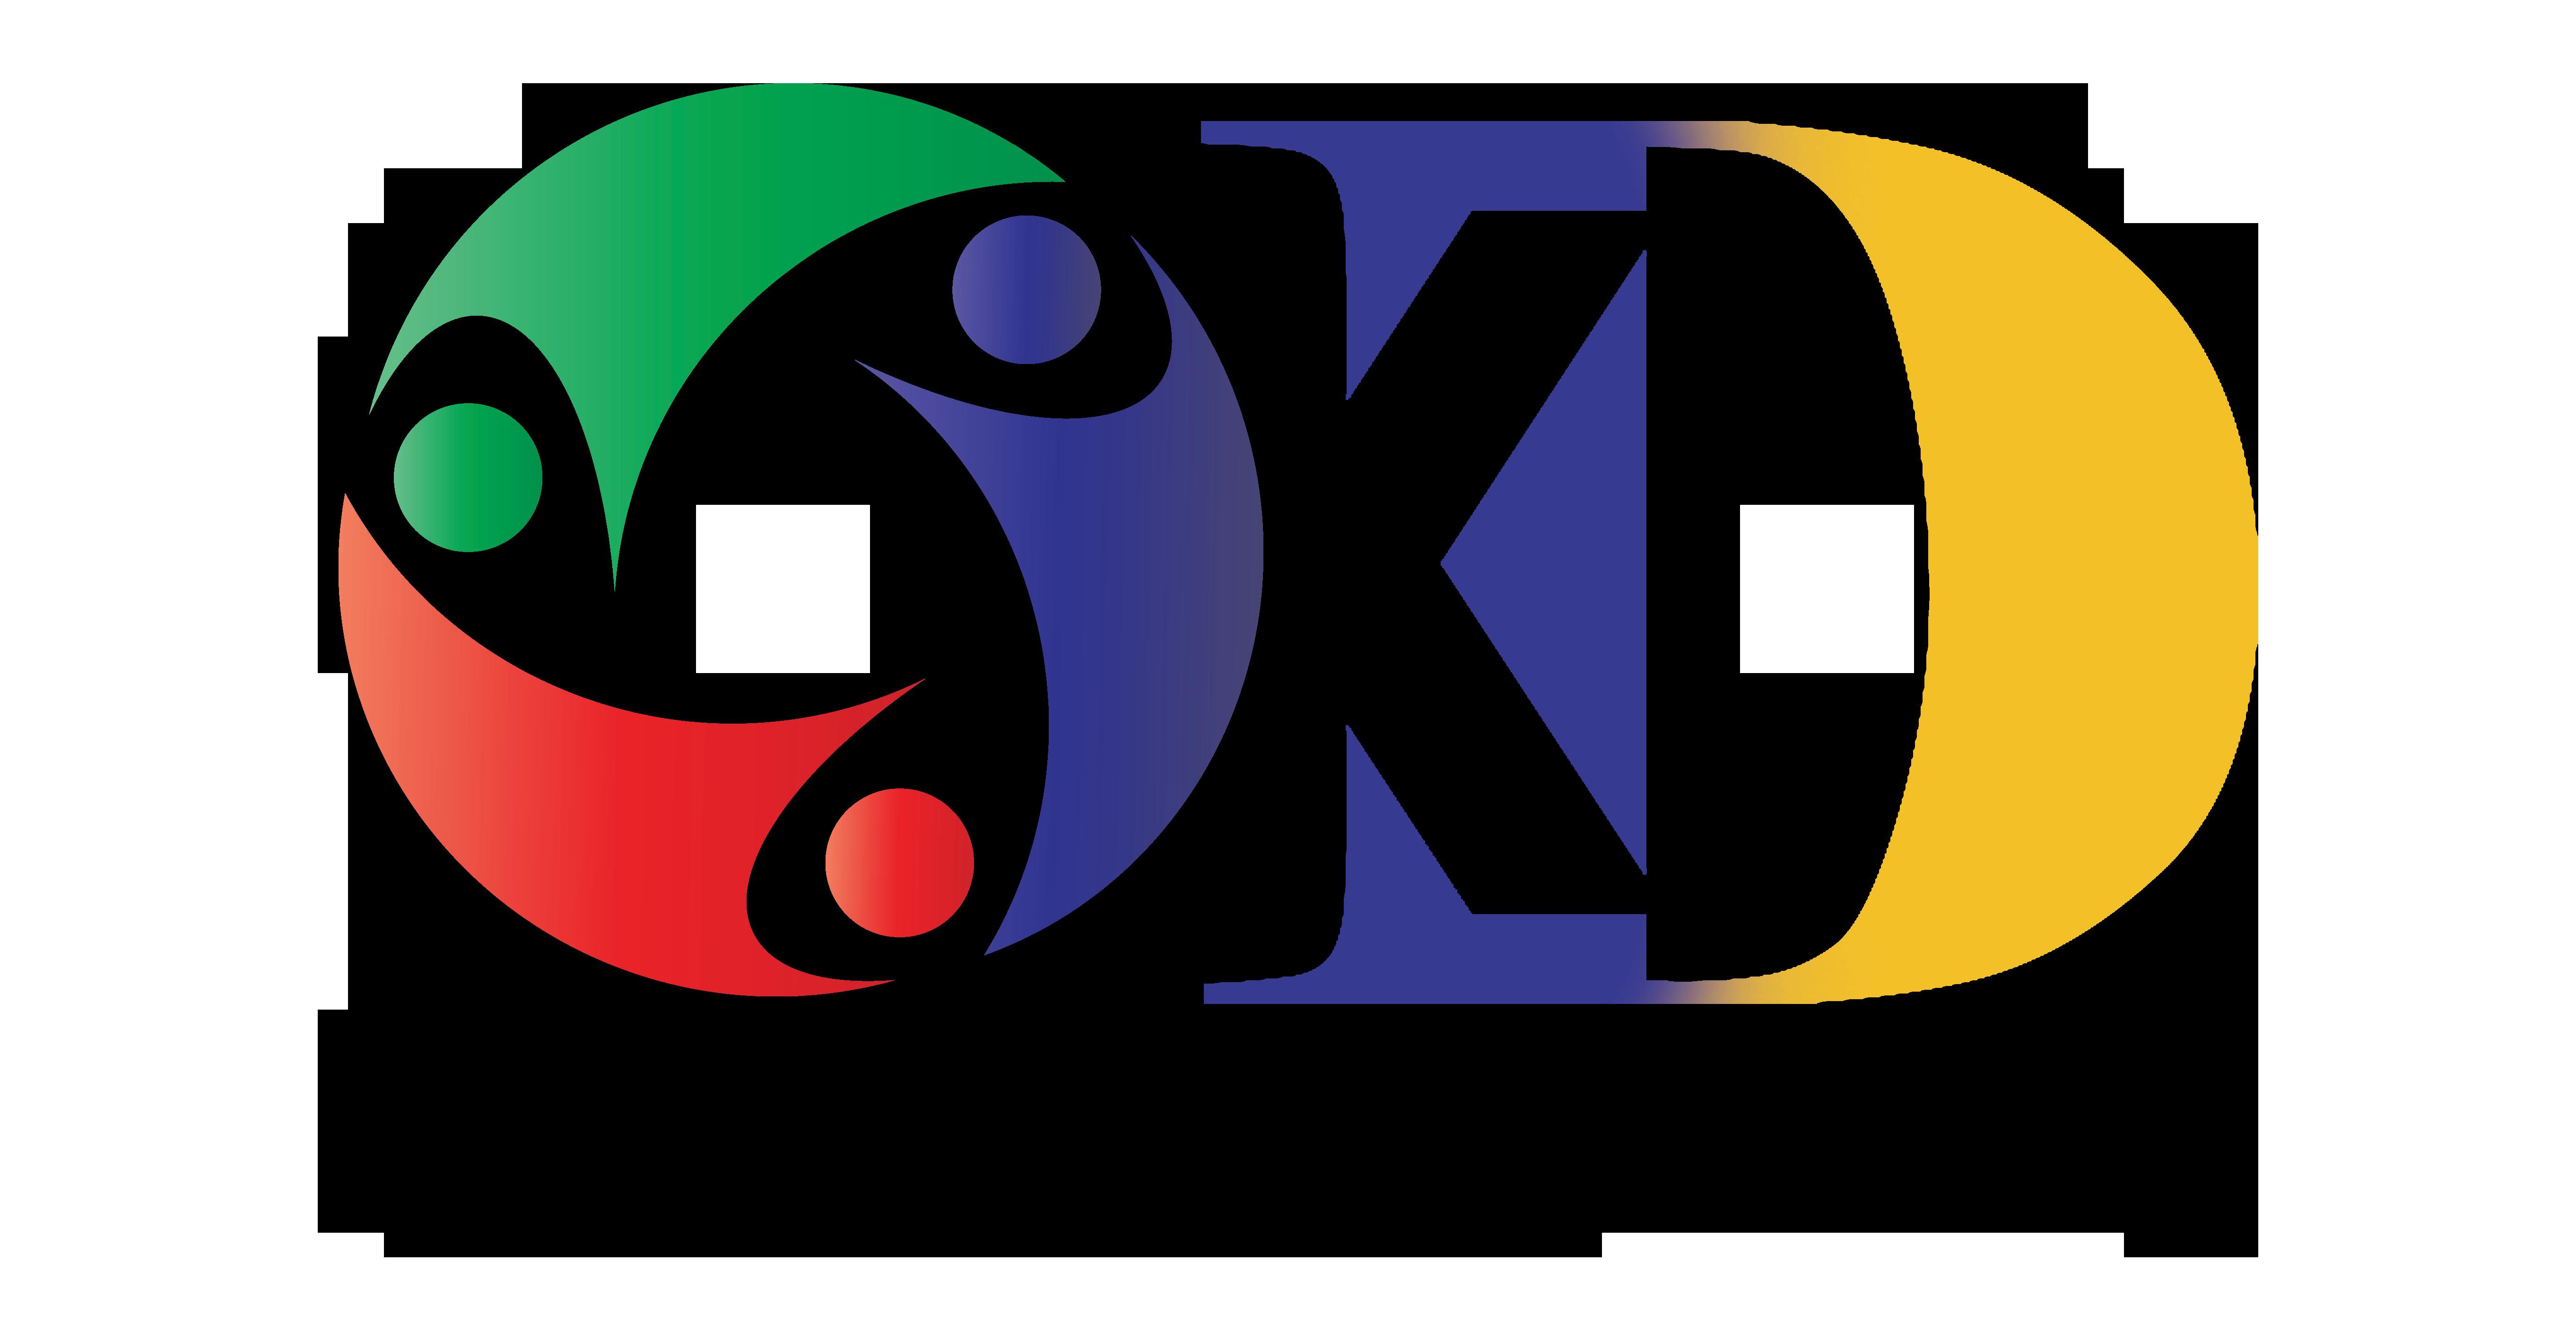 مؤسسة كرم دويدار الخيرية